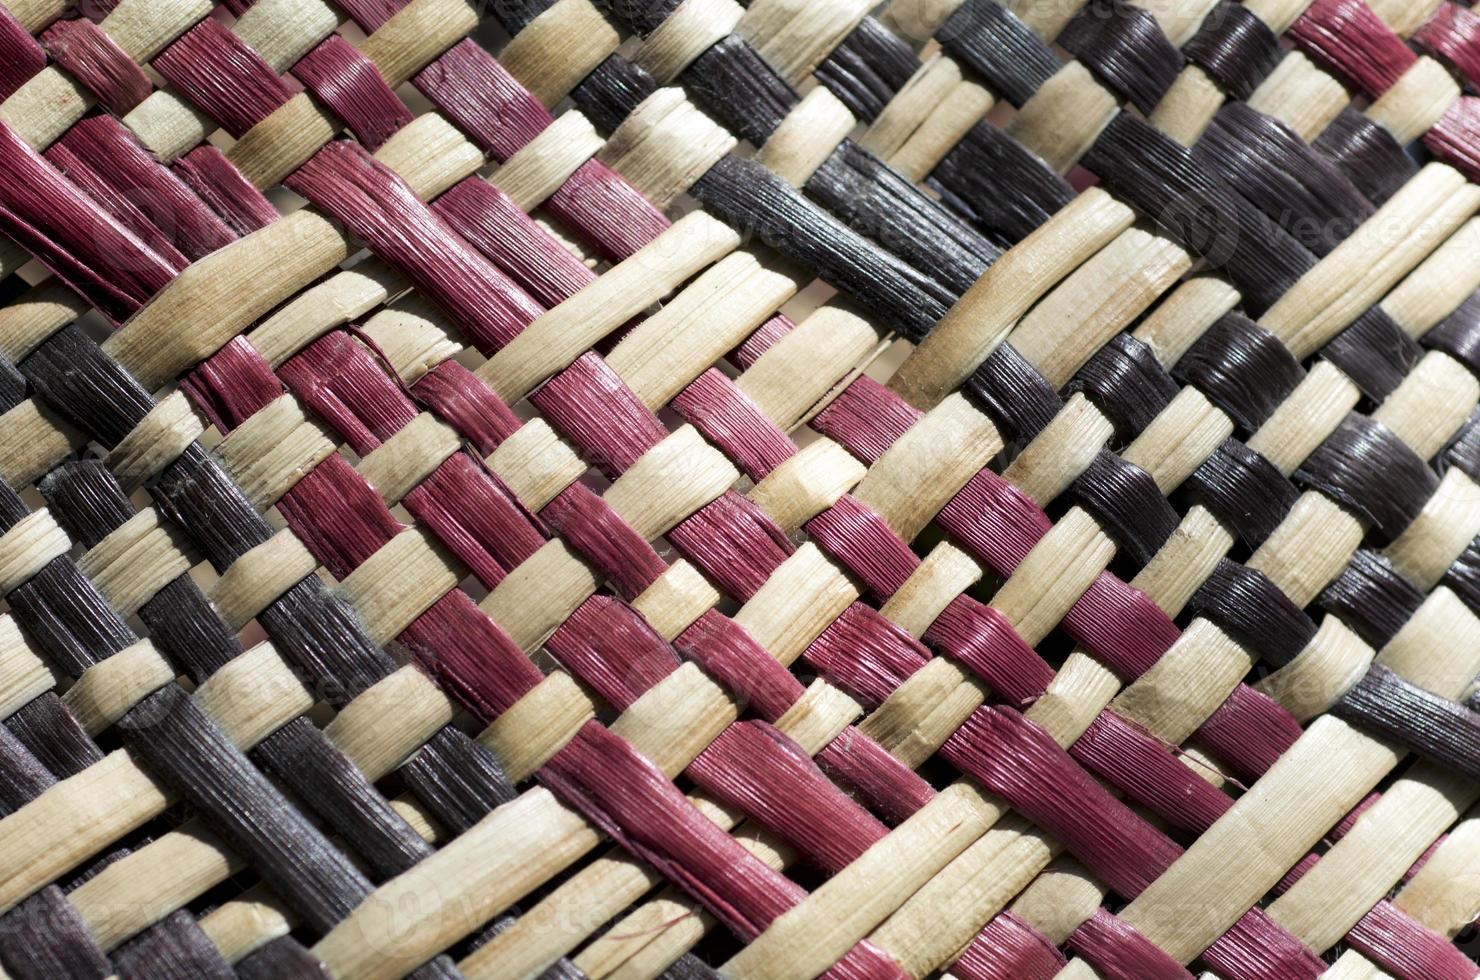 cultura maorí - lino tejido foto